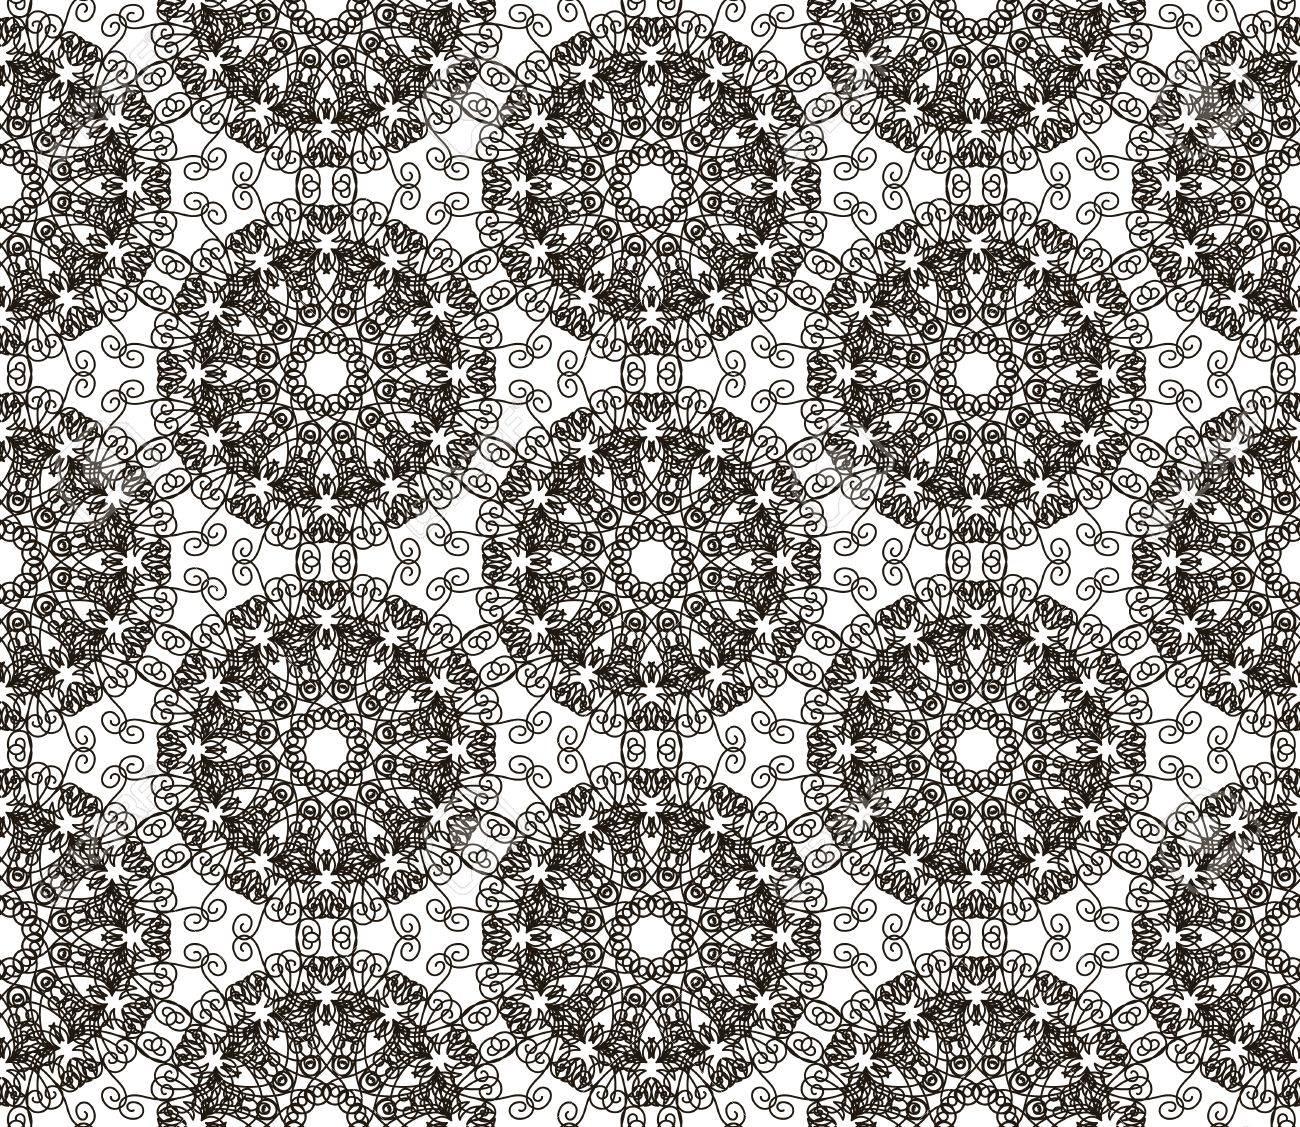 Arredamento Stile Hippie motivo di pizzo intricato motivo floreale senza soluzione di continuità per  la stampa di tessuti, mobili, vestiti di moda. hippie stile boho chic,